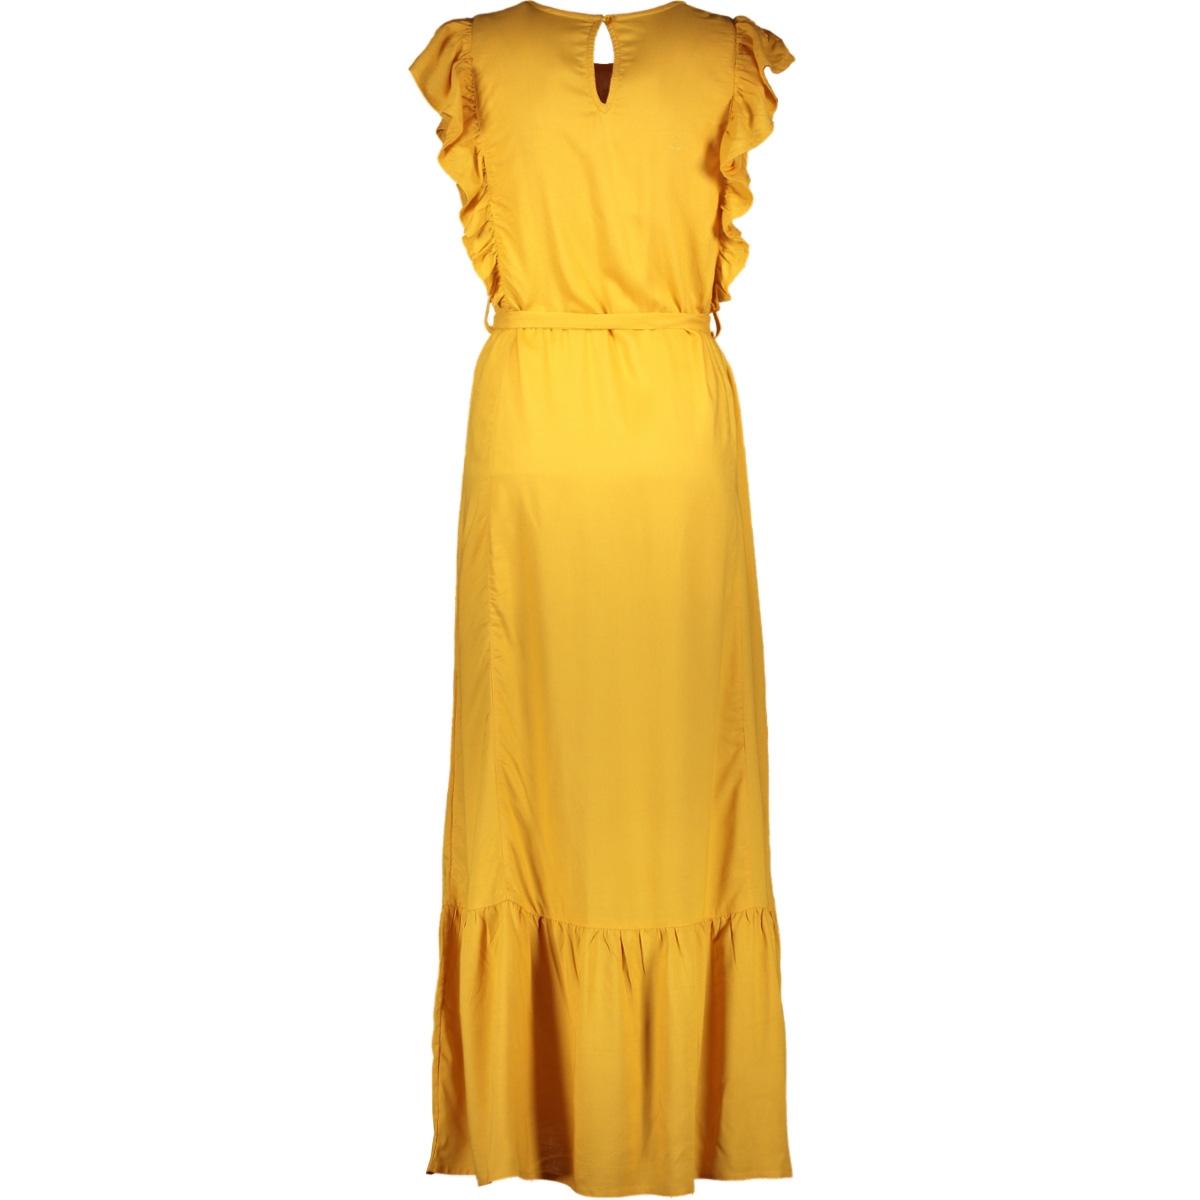 jdyaura s/l flounce dress wvn exp 15187734 jacqueline de yong jurk golden yellow